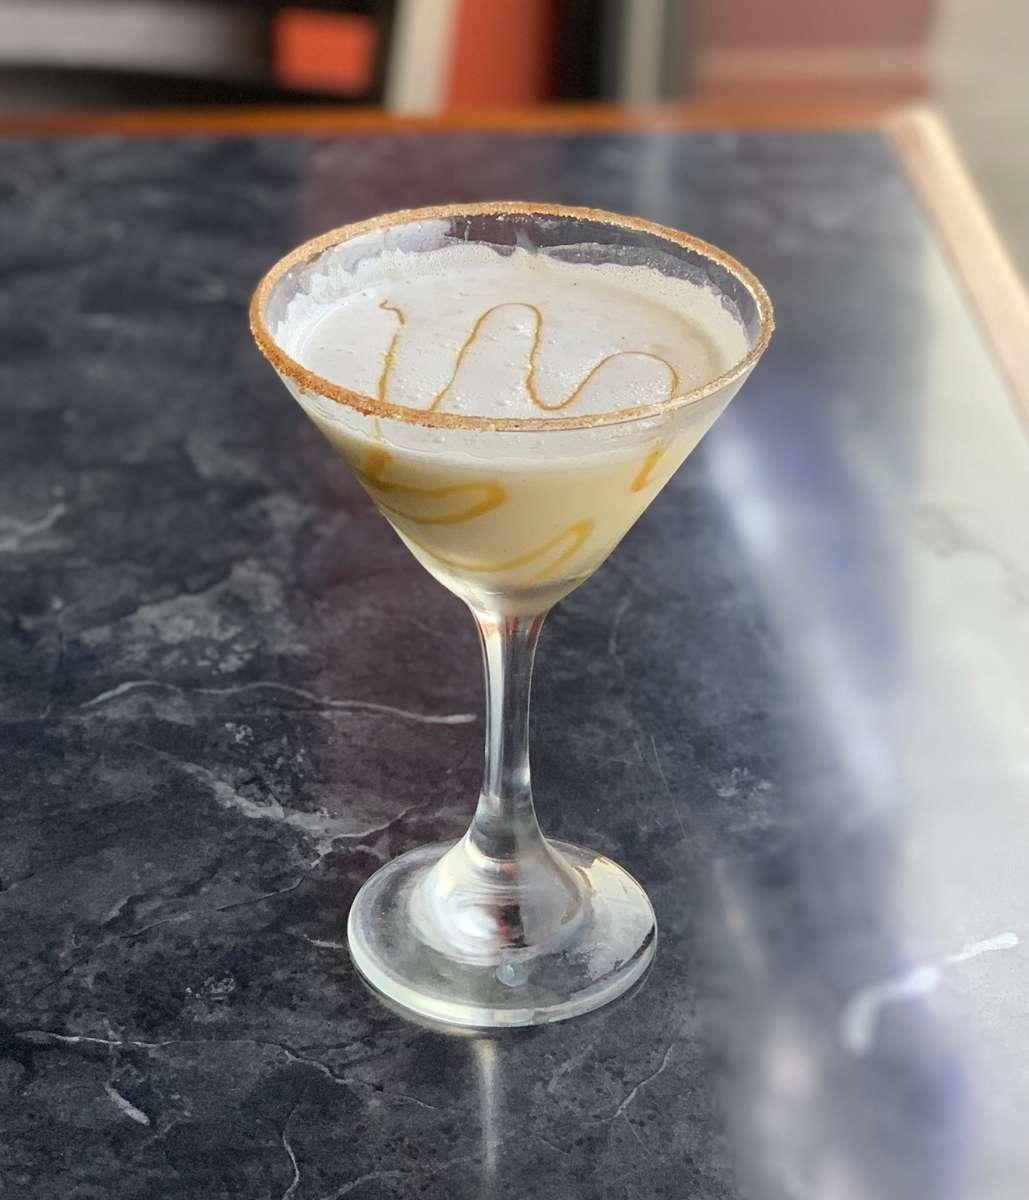 Apple Pie Ala Mode Martini